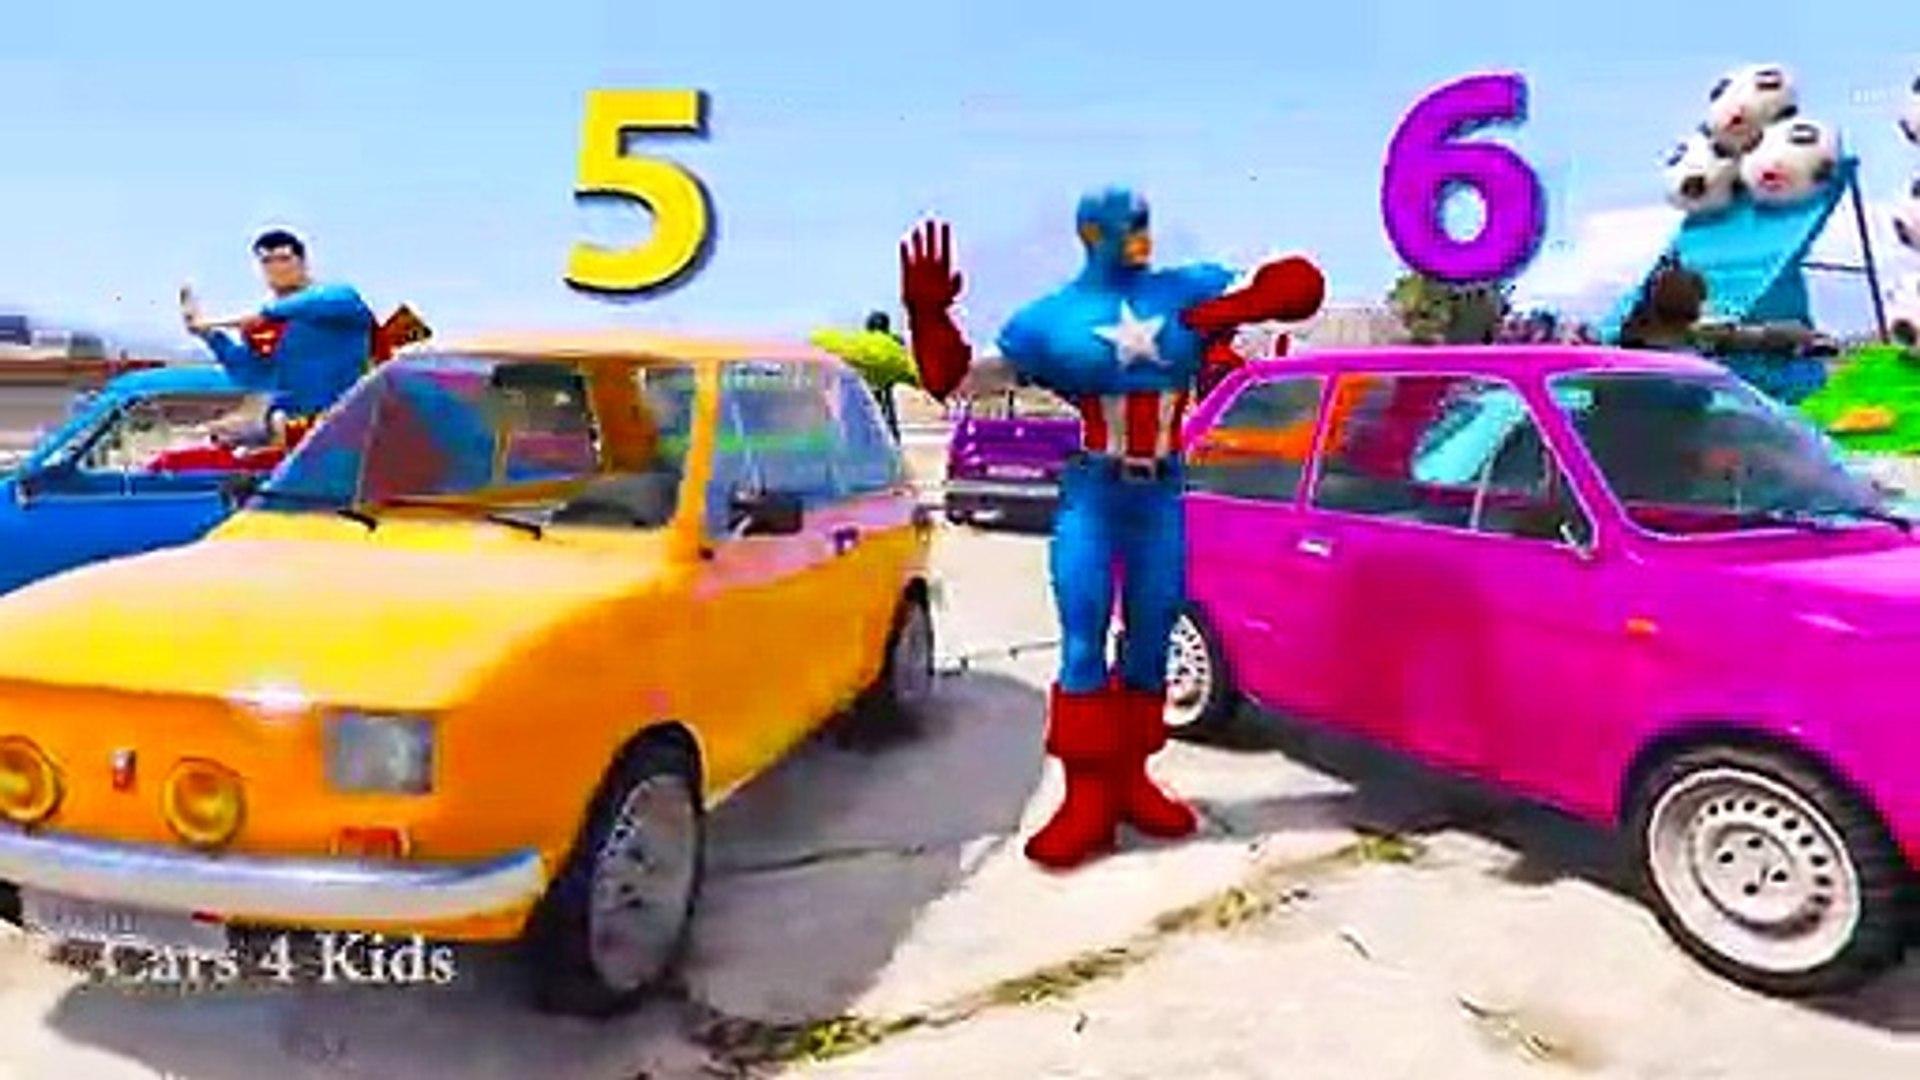 تعلم الألوان مع الشاحنات والسيارات للأطفال - تعلم الأرقام في اللون سبايدرمان الكرتون التعلم الفيديو